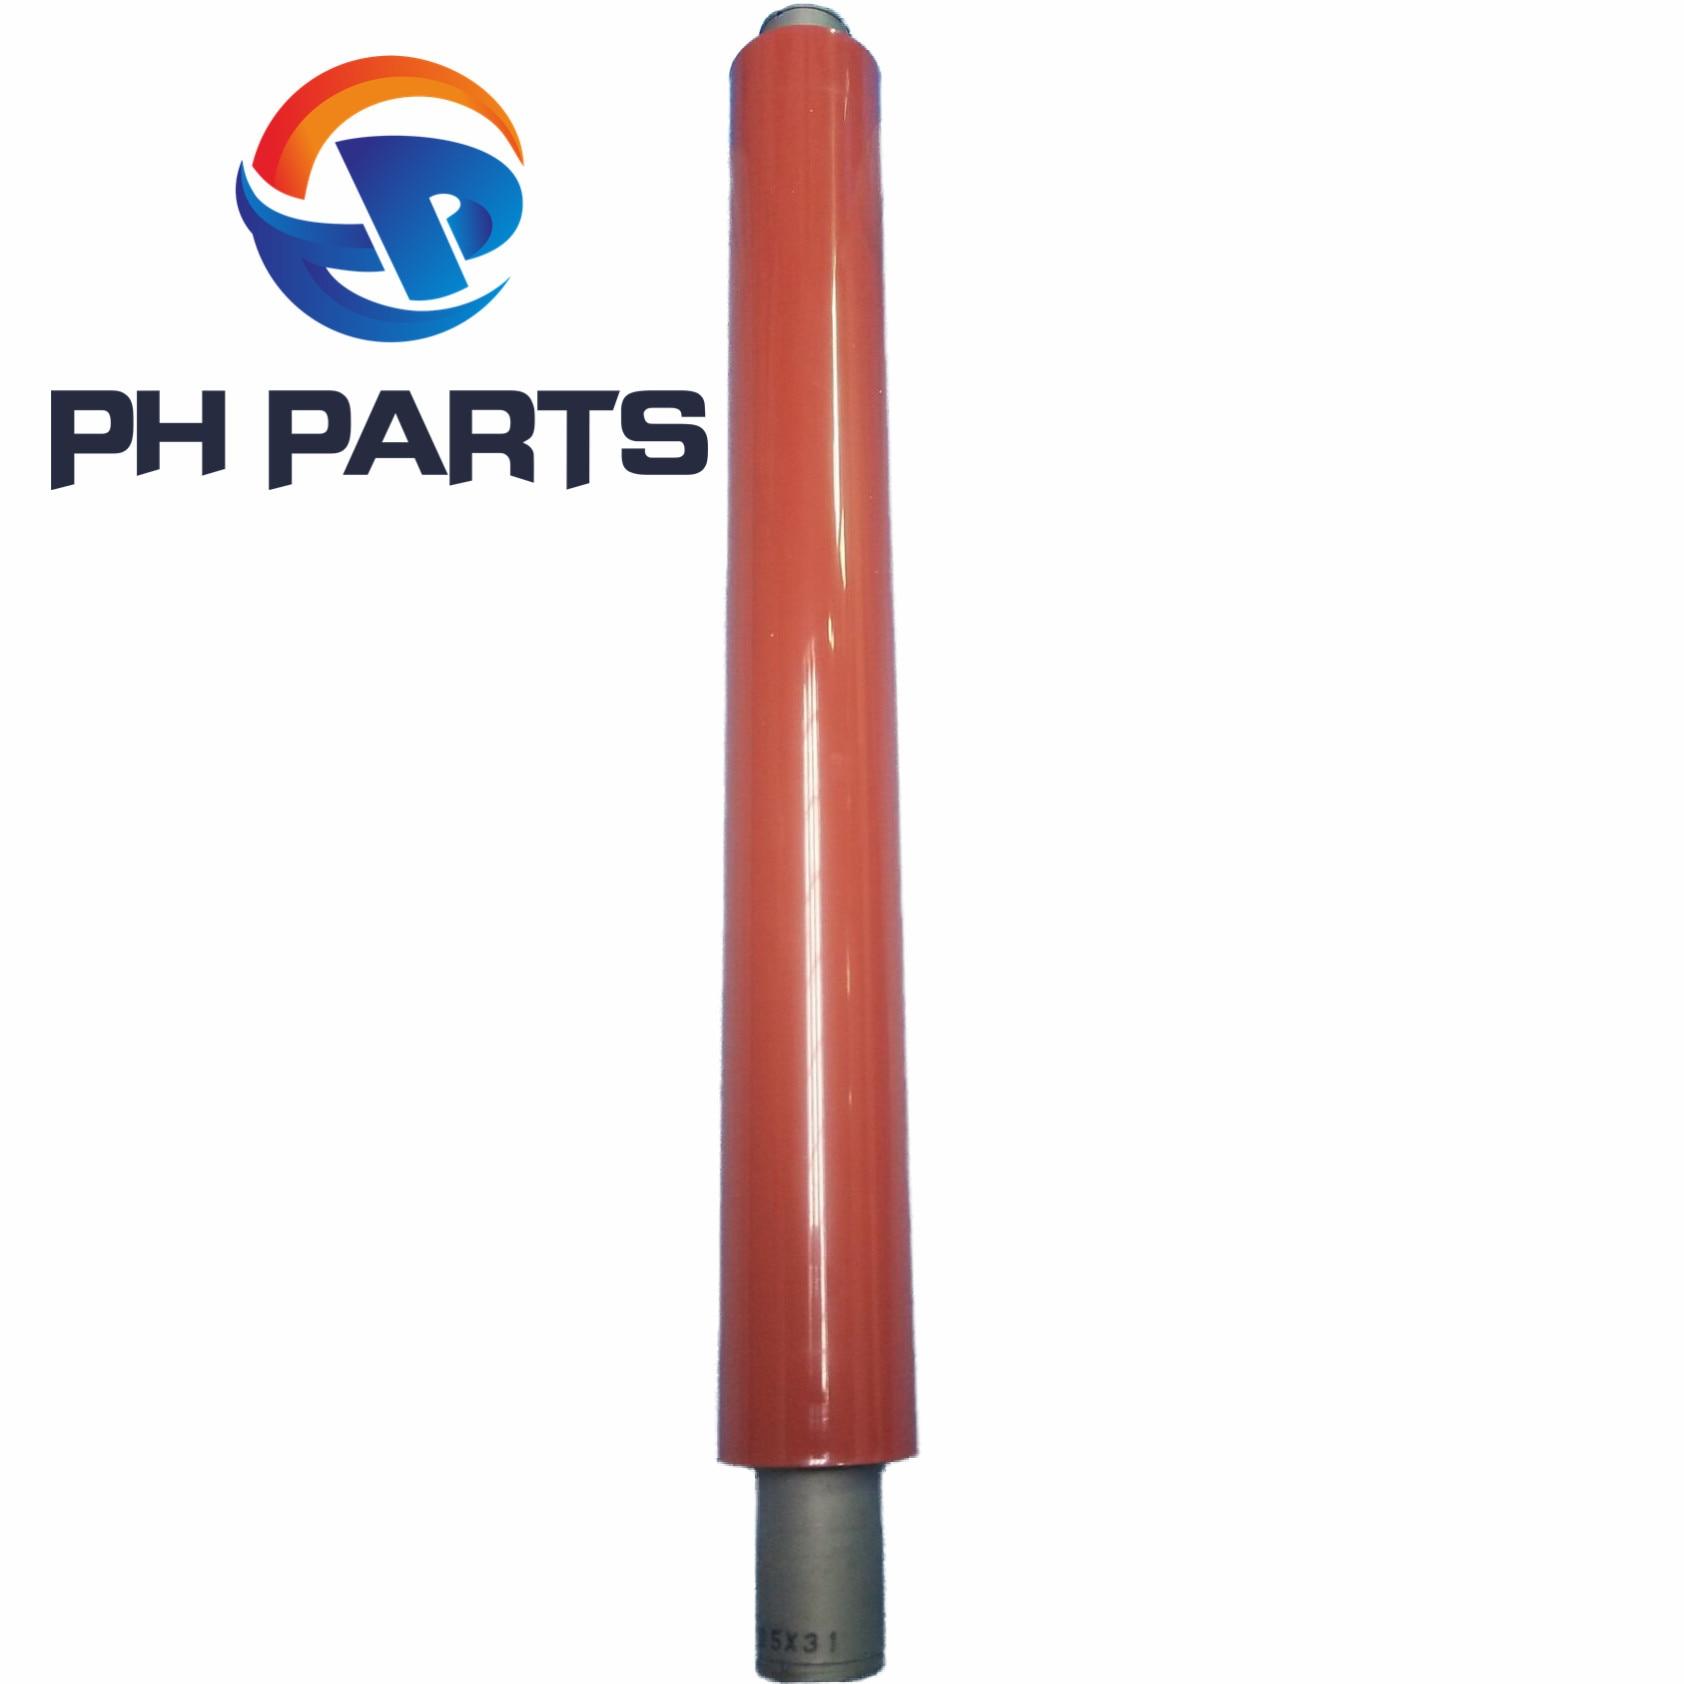 1X Fuser Roller for Konica Minolta BH C250 C252 Heat Upper Roller1X Fuser Roller for Konica Minolta BH C250 C252 Heat Upper Roller